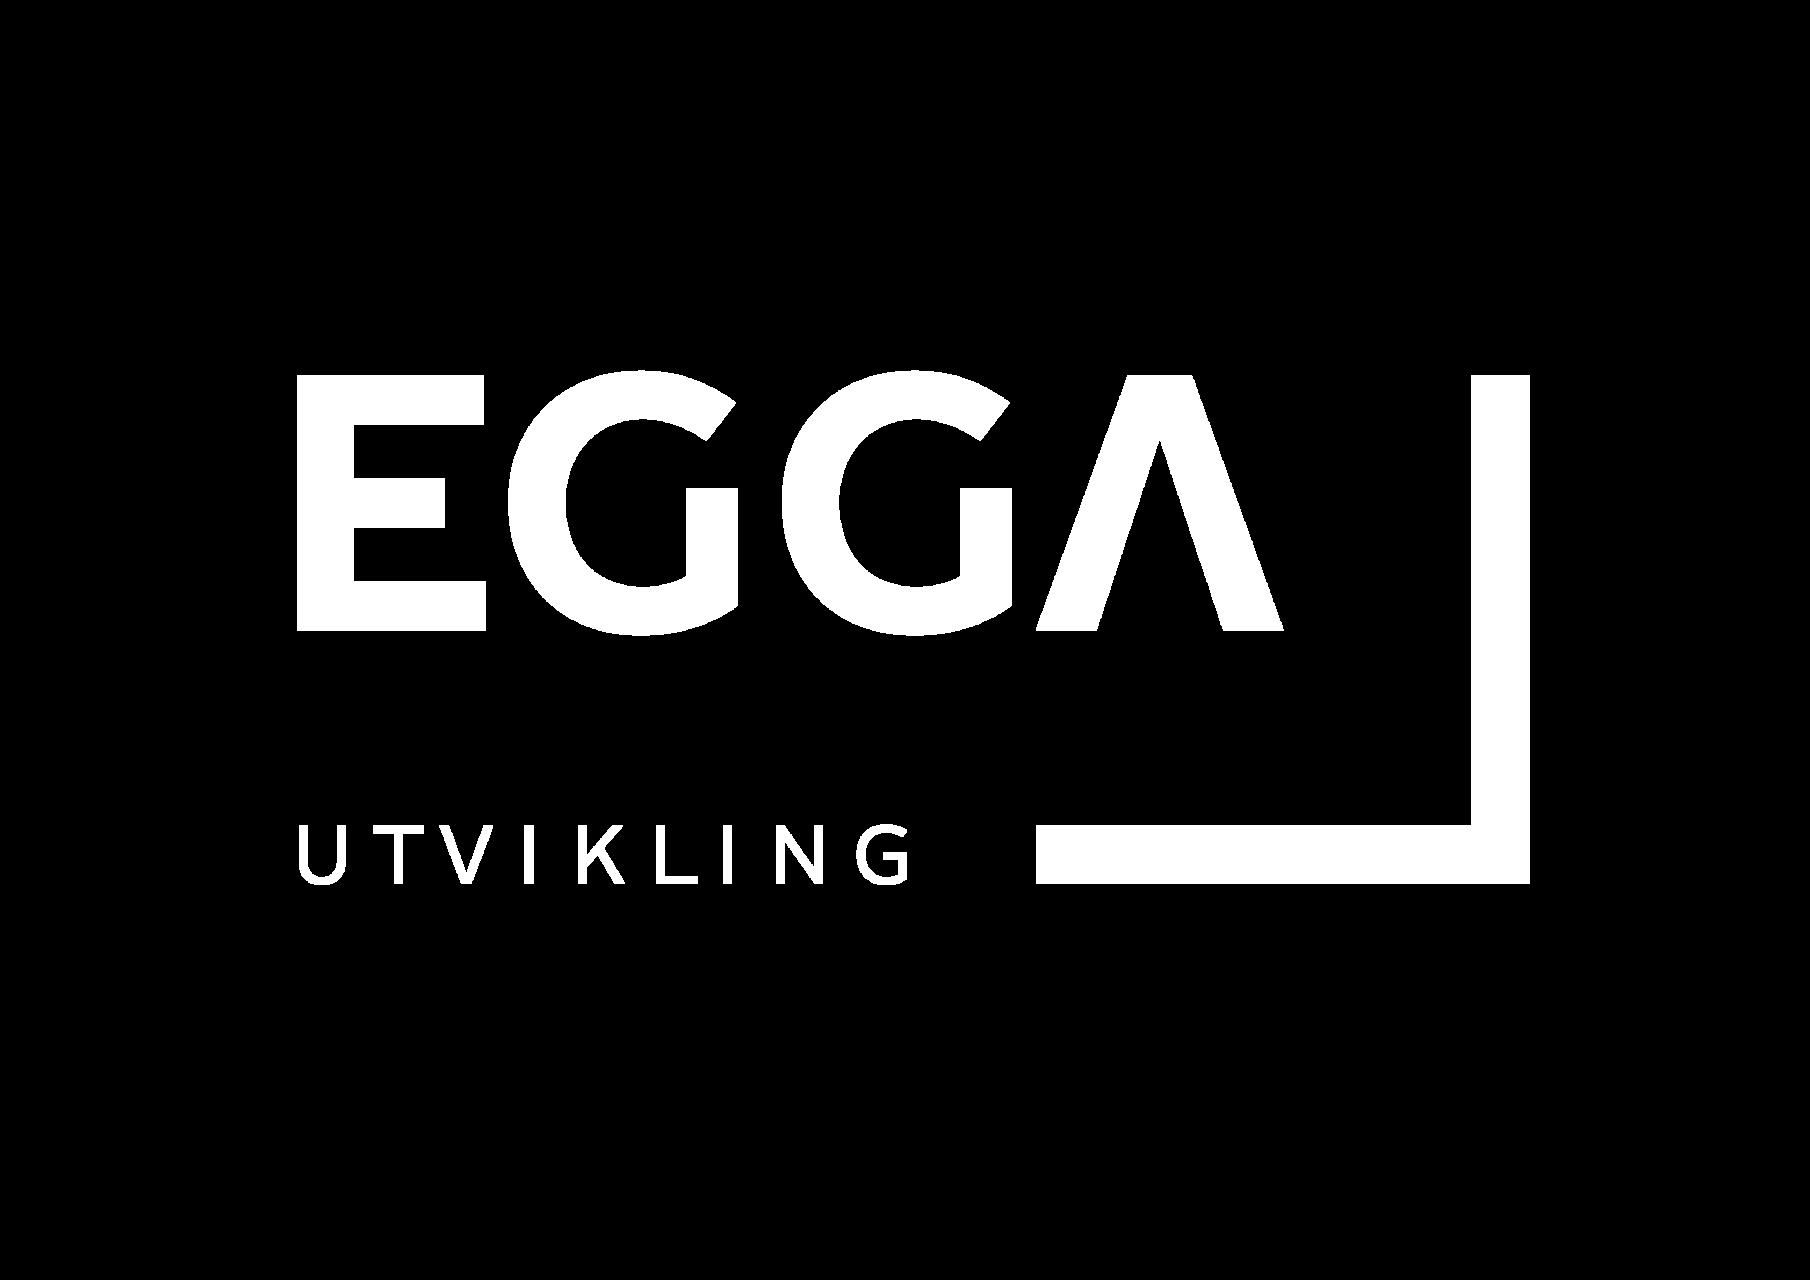 Egga logo hvit